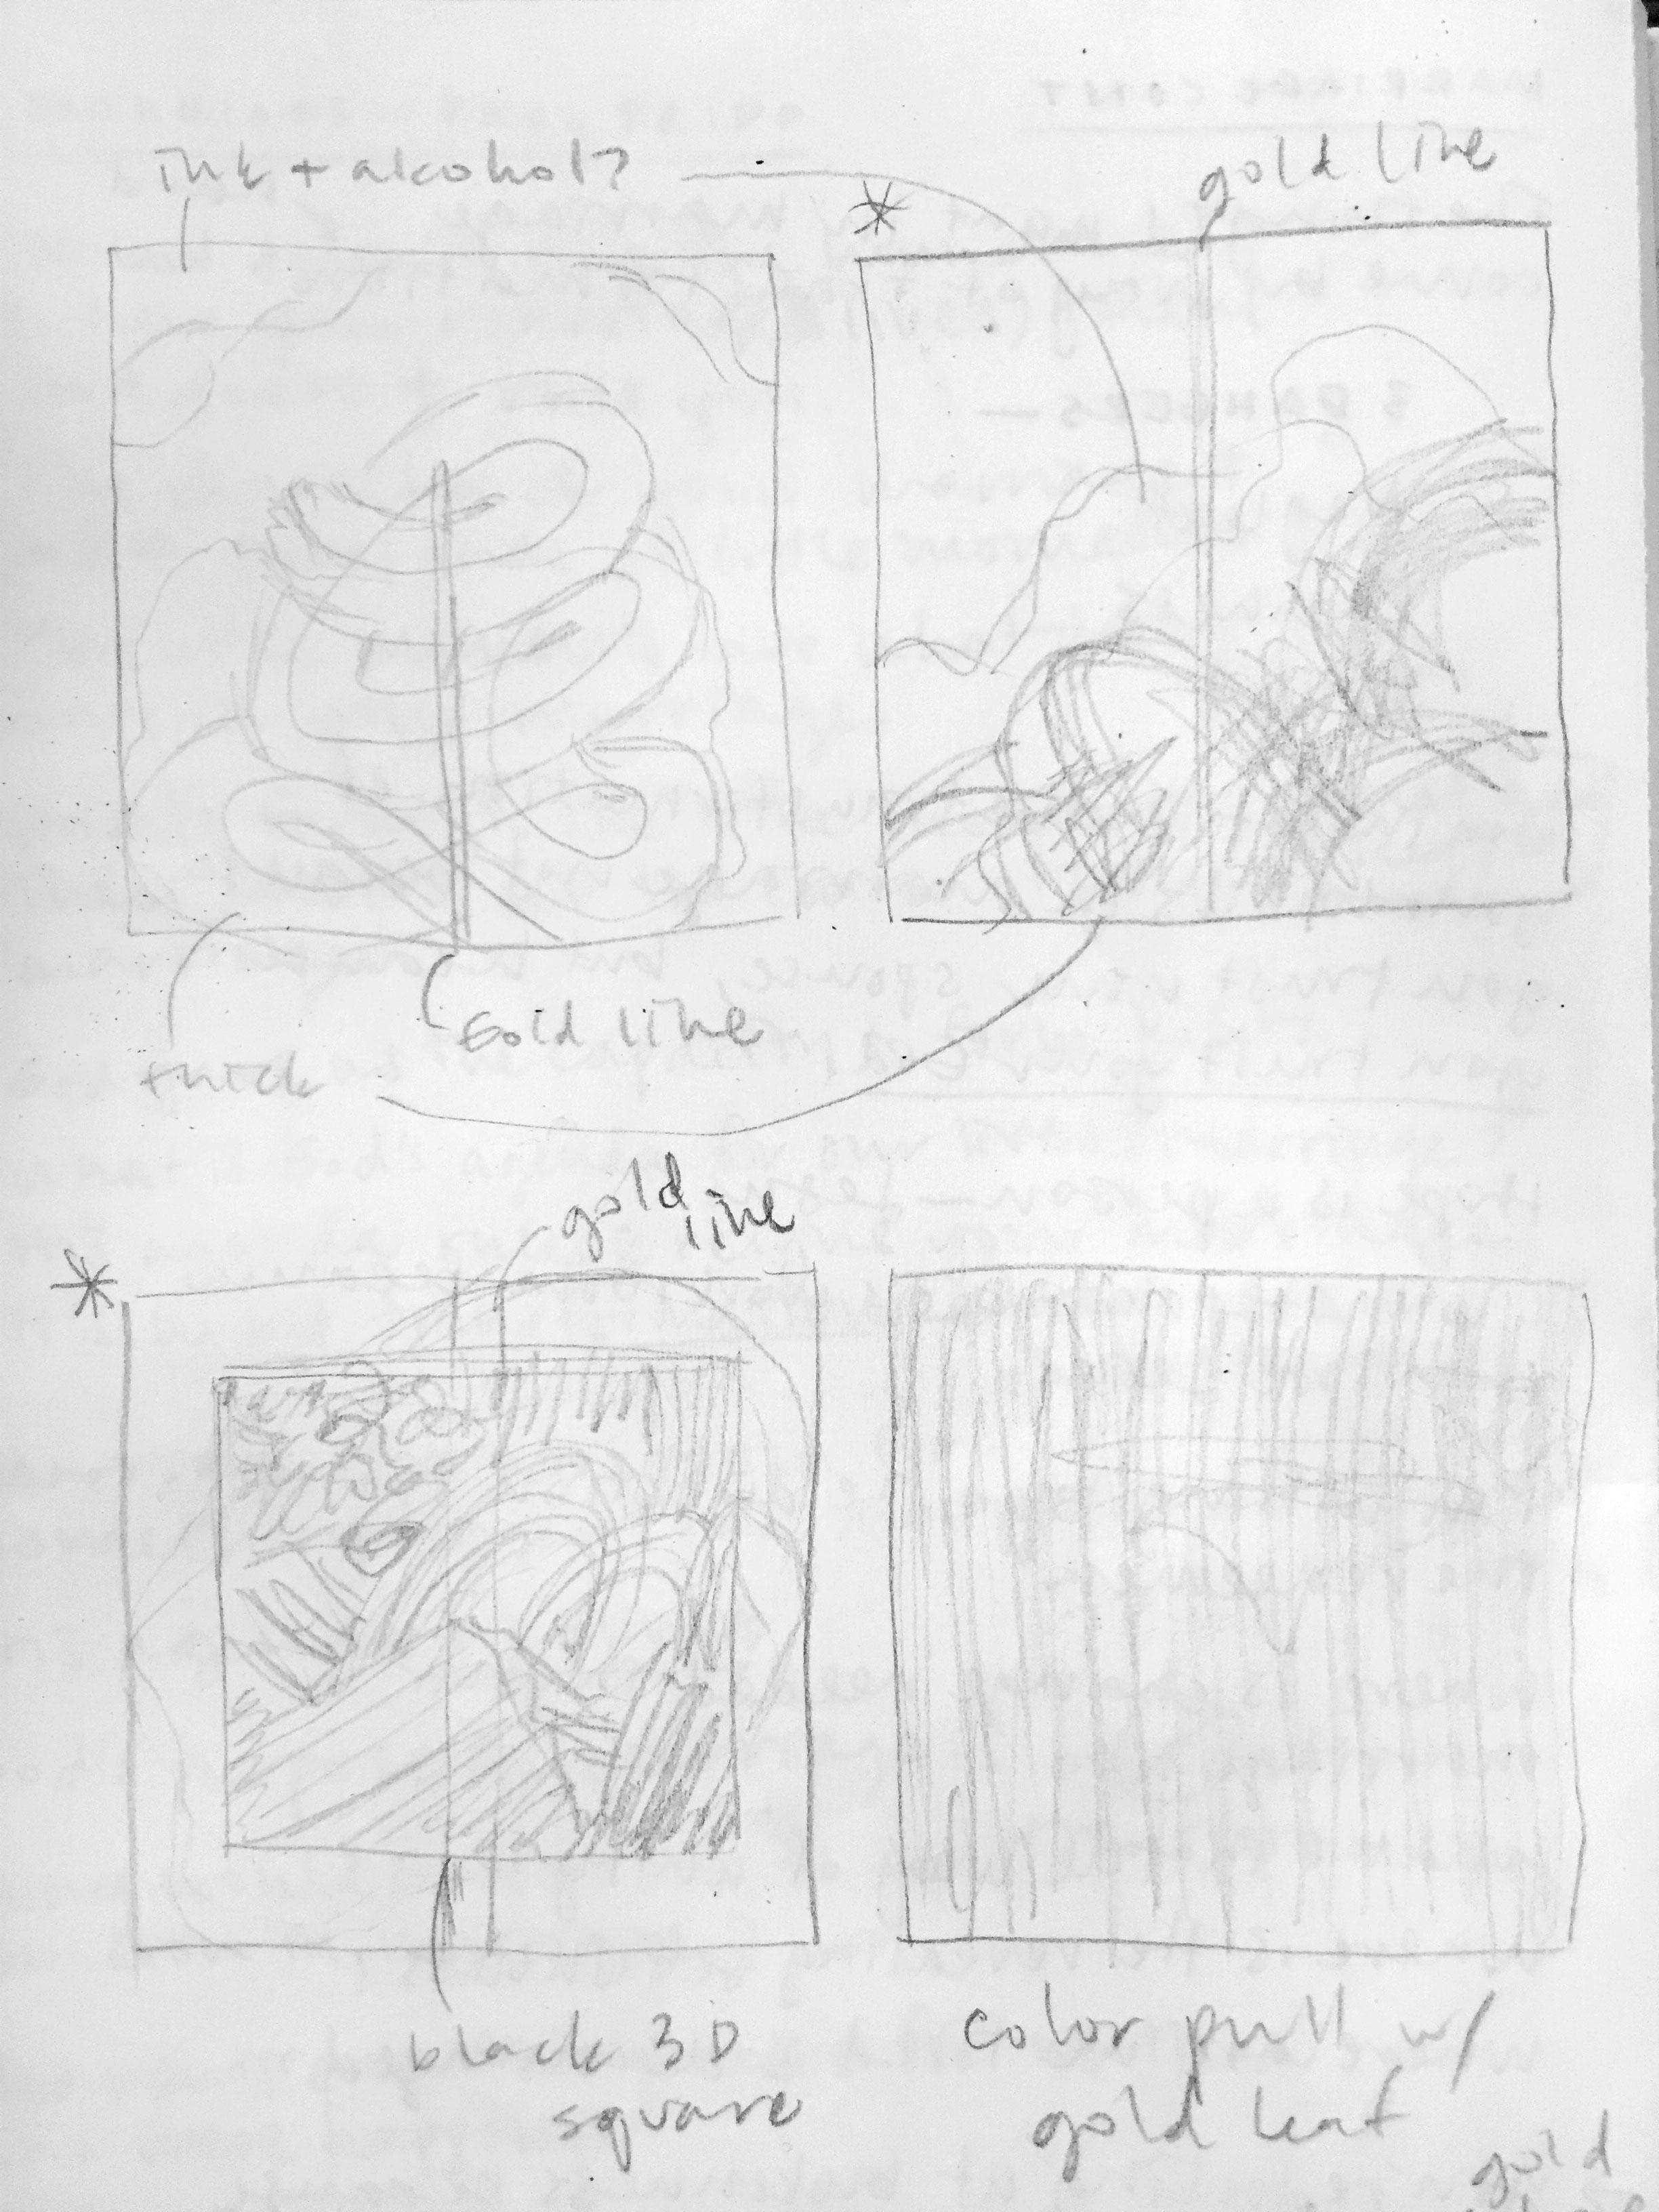 GF19_Sketch.jpg